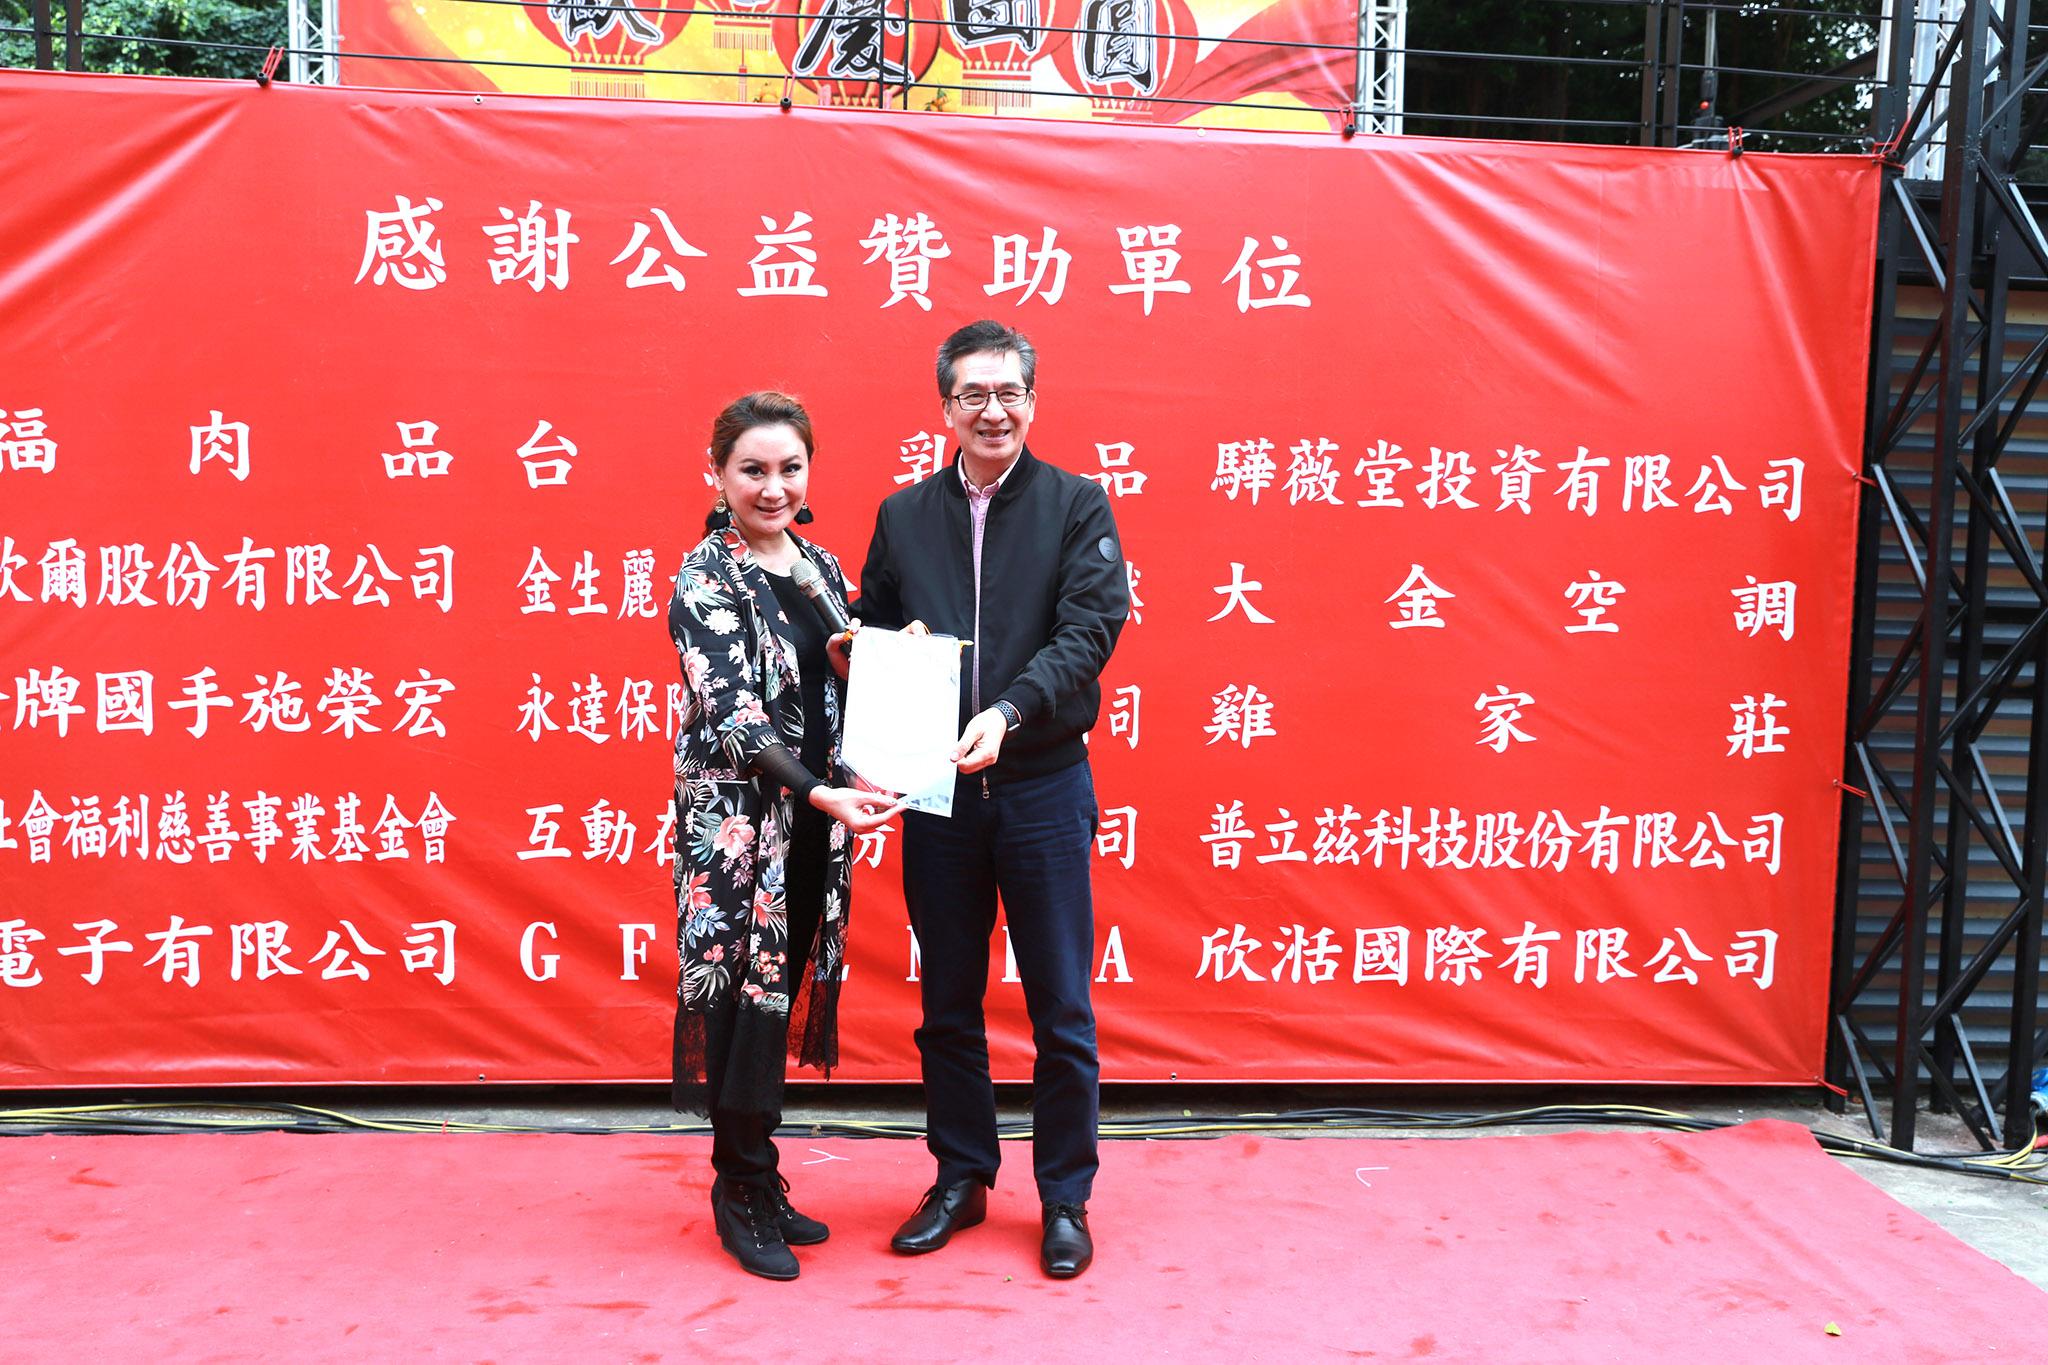 陳亞蘭(左)致贈感謝狀給永達陳慶鴻總經理(右)。